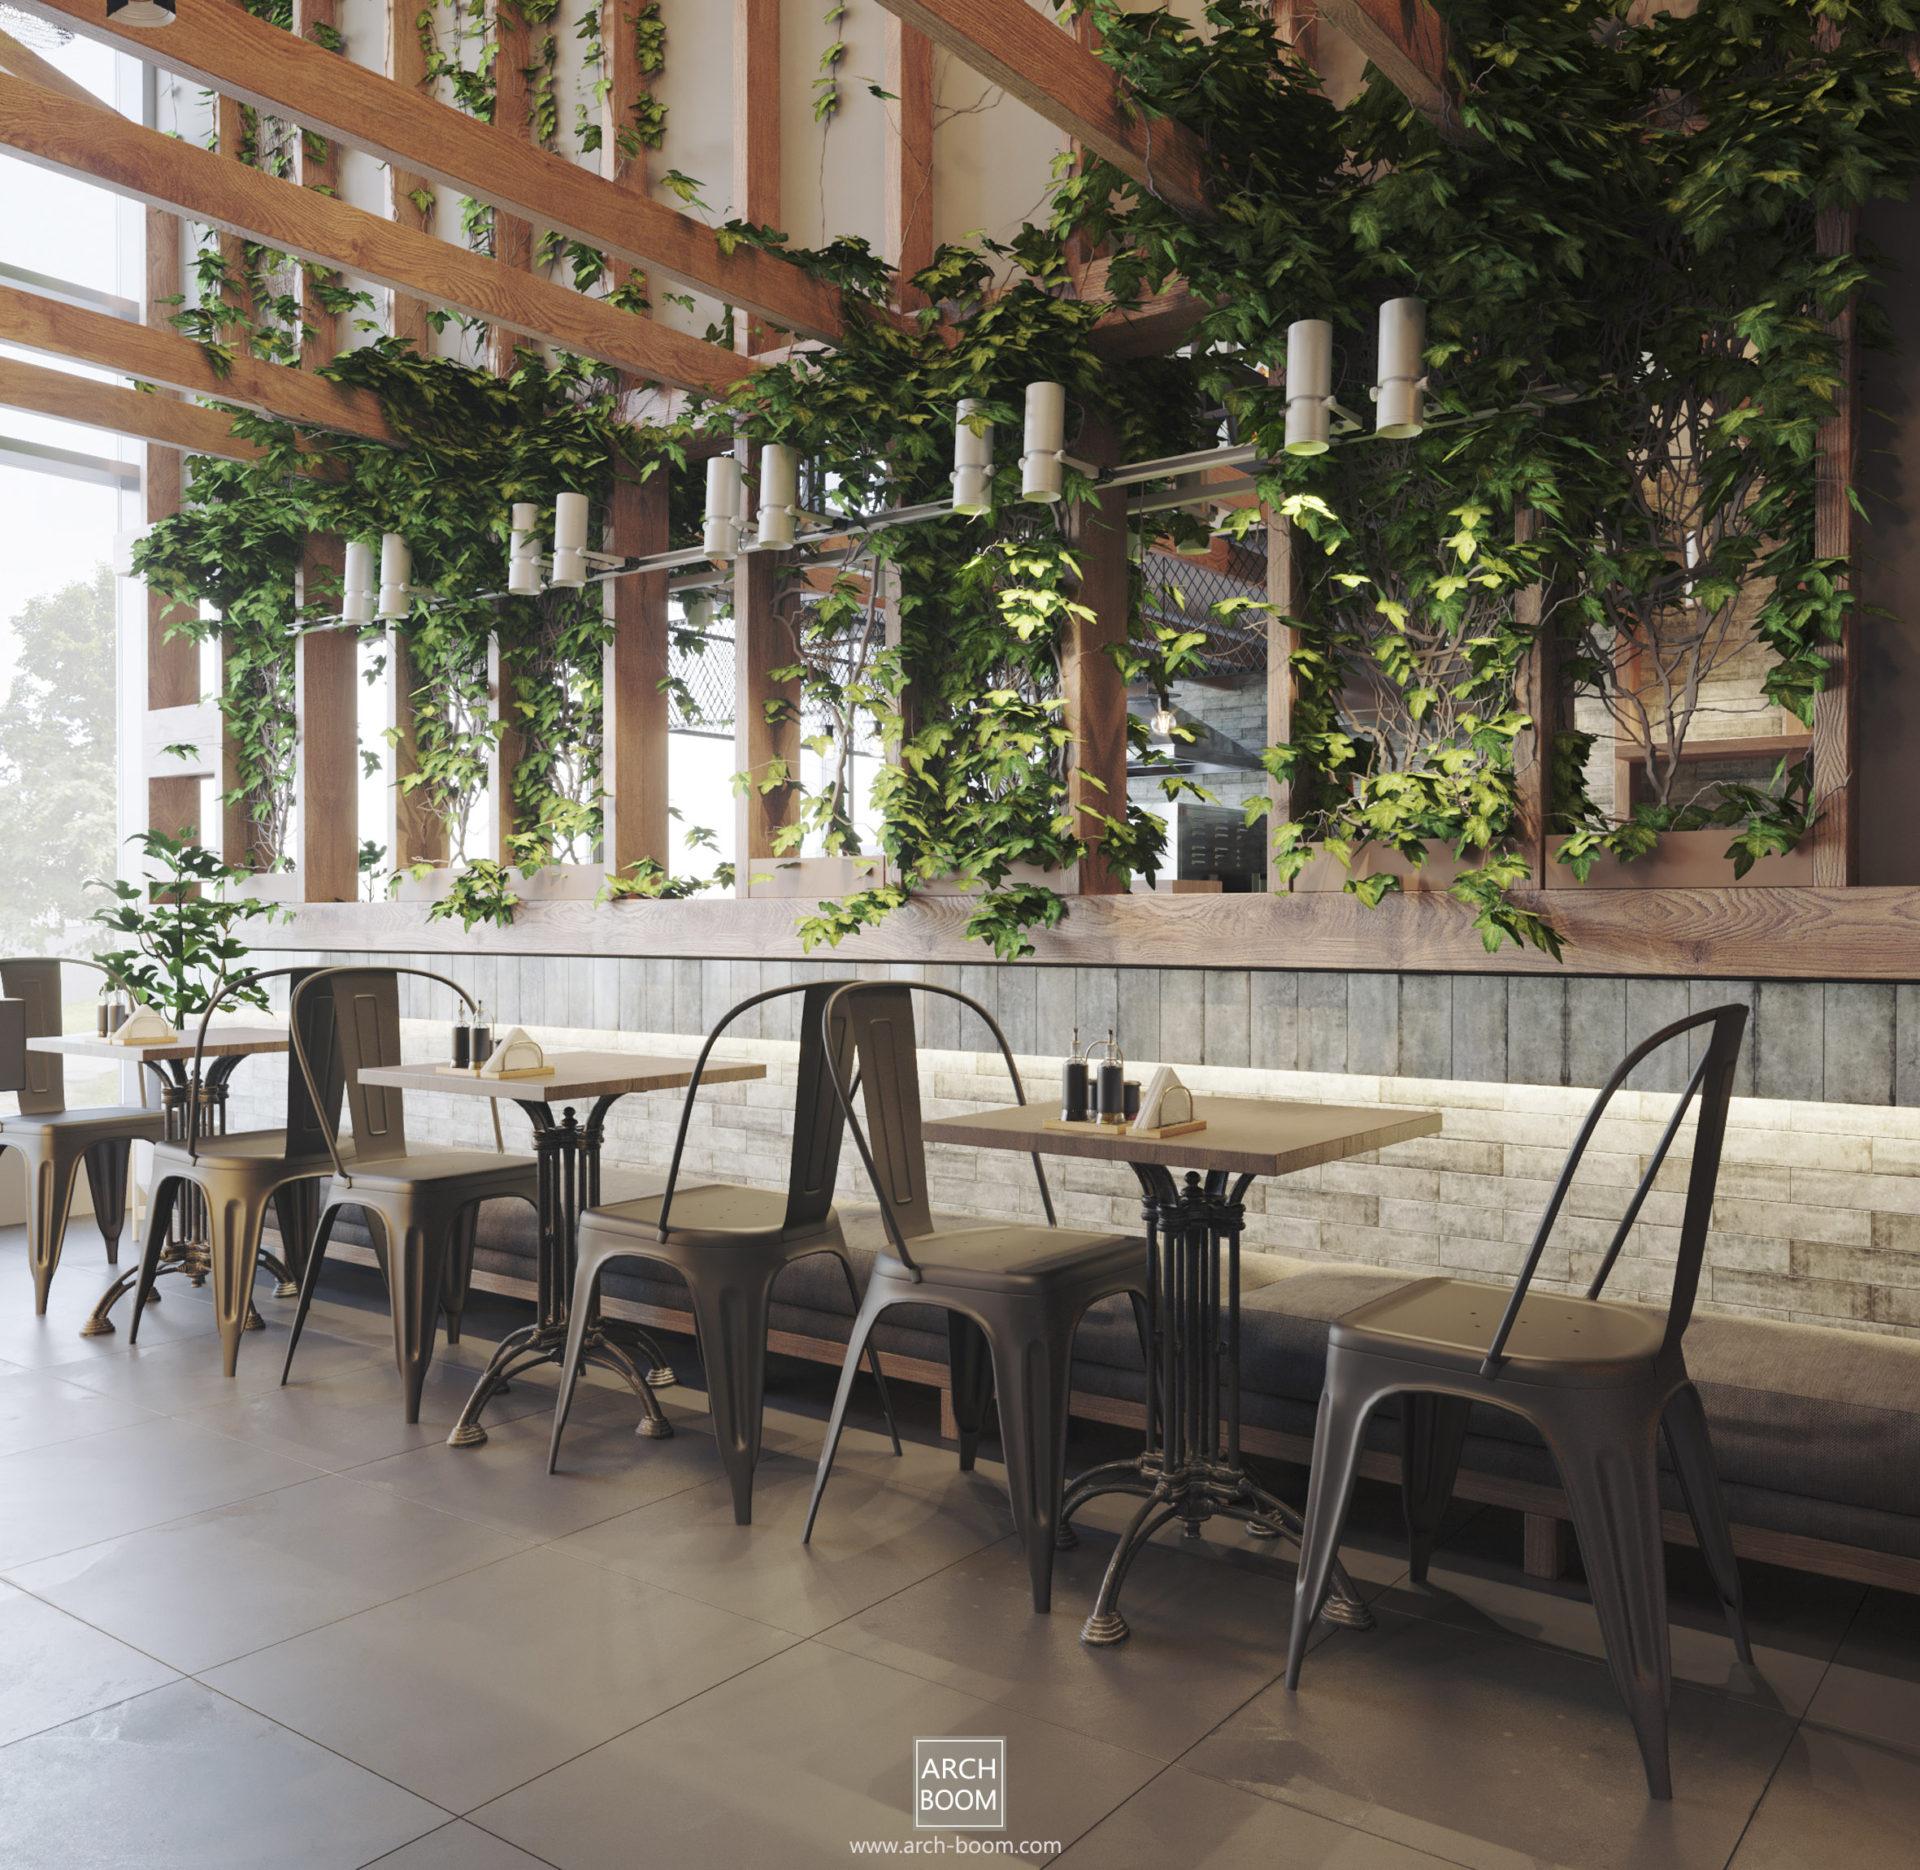 aranżacja wnętrz baru lokalu gastronomicznego drewno, rośliny, cegła. Metalowe krzesła i stoliki. Architekt z polecenia